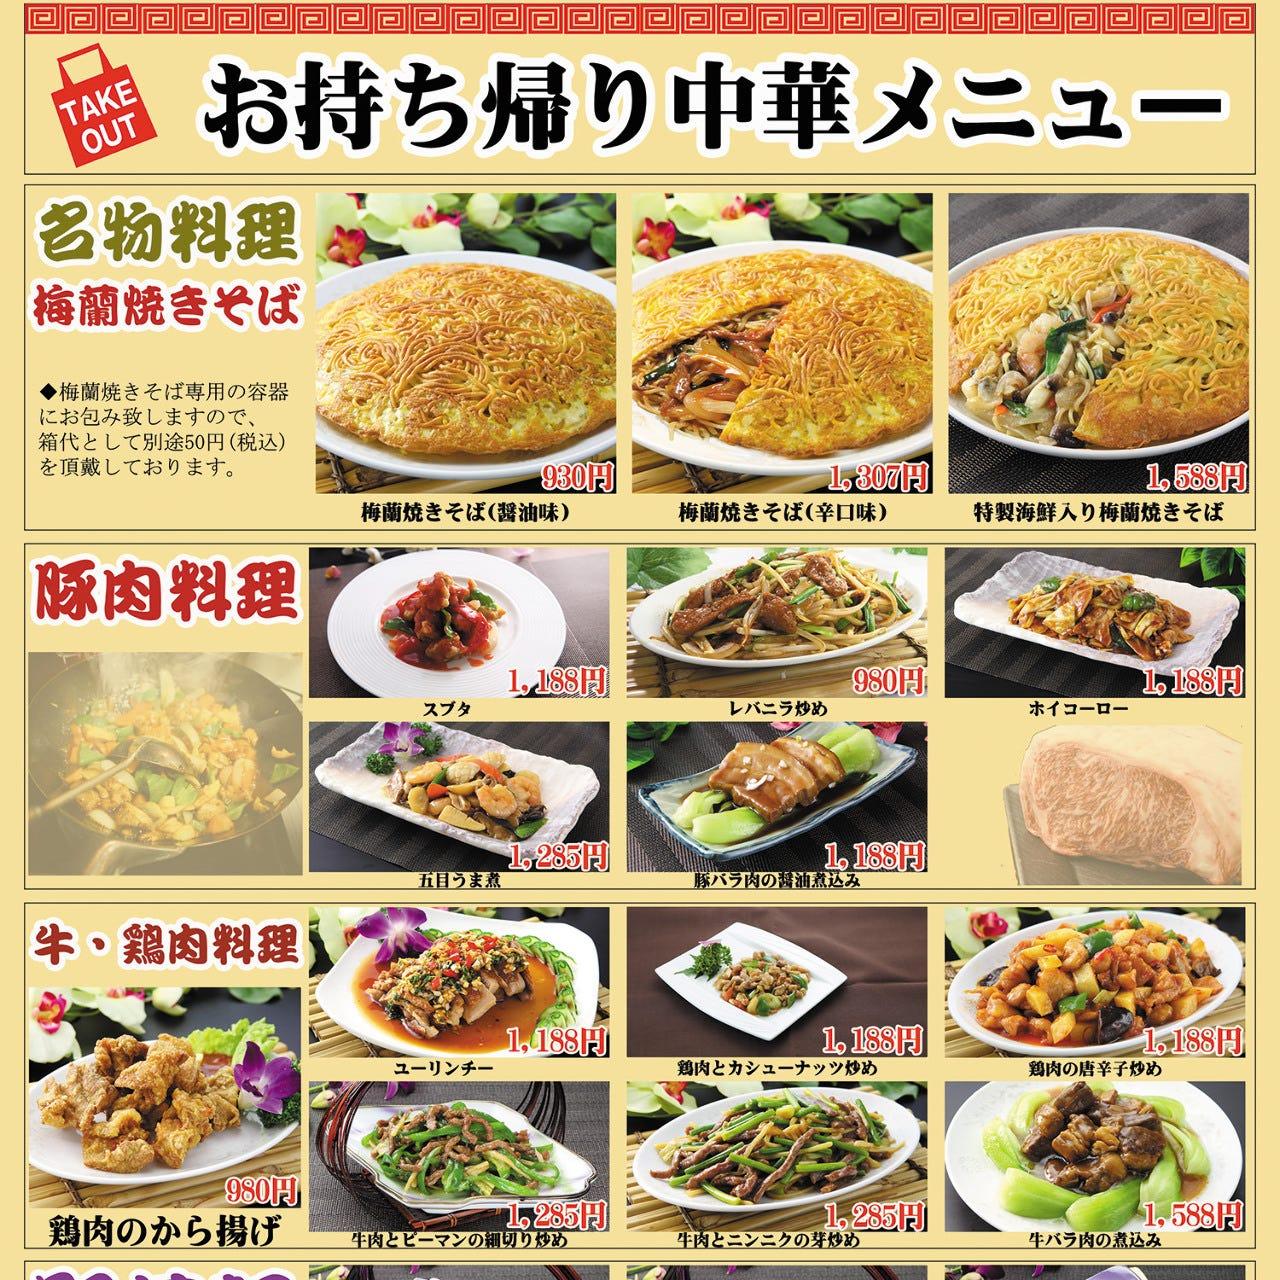 梅蘭の本格中華料理約50品がお持ち帰りできます。